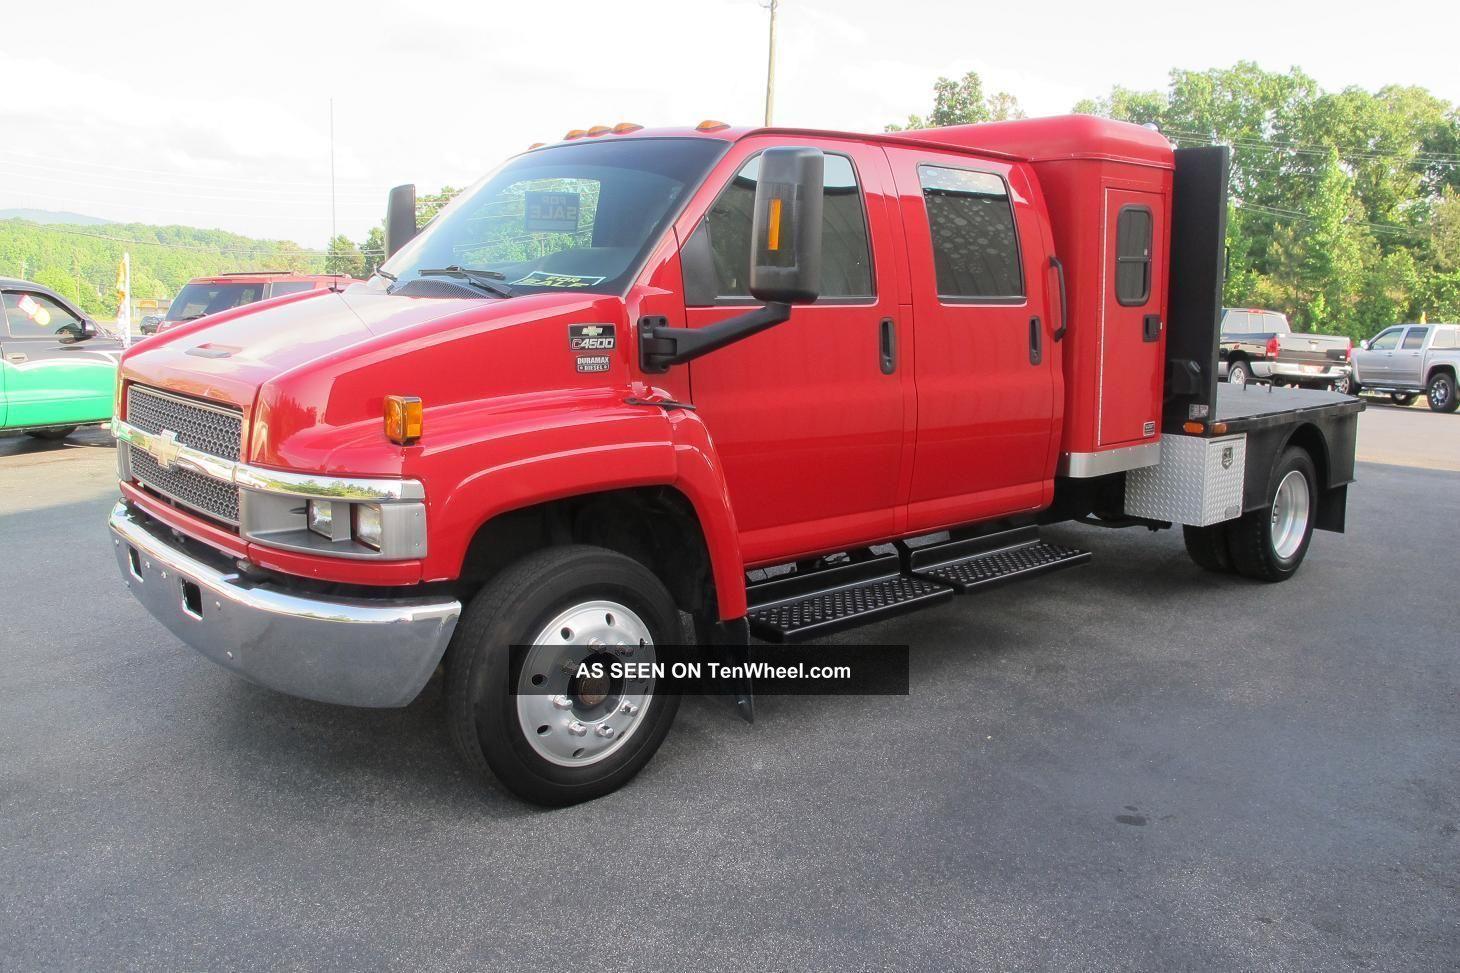 Image Result For Chevrolet Kodiak Sleeper Motorized Road Vehicles 1995 Chevy Dump Truck